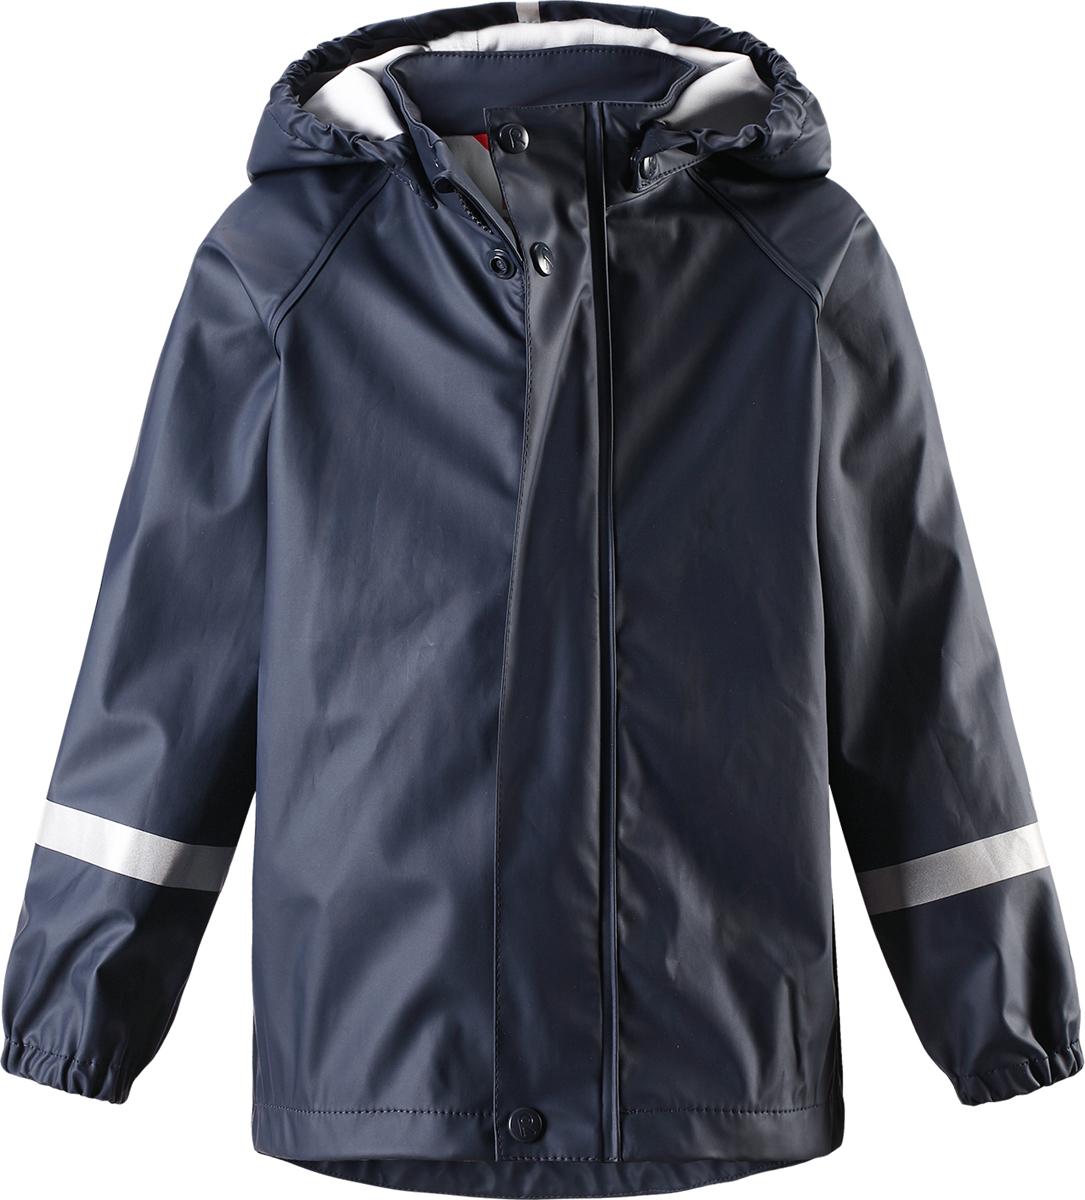 Куртка-дождевик детская Reima Lampi, цвет: синий. 5214916980. Размер 1285214916980Детская куртка-дождевик Lampi стильно смотрится и гарантирует защиту от дождя. Эластичный материал не деревенеет на морозе, поэтому этот дождевик можно носить круглый год просто добавьте в холодную погоду теплый промежуточный слой. Съемный капюшон защитит даже от ливня, при этом он безопасен во время прогулок в дождливый день. В туманный день или в темное время суток светоотражатели будут просто незаменимы. Материал сертифицирован по стандарту Oeko-Tex и не содержит ПВХ.